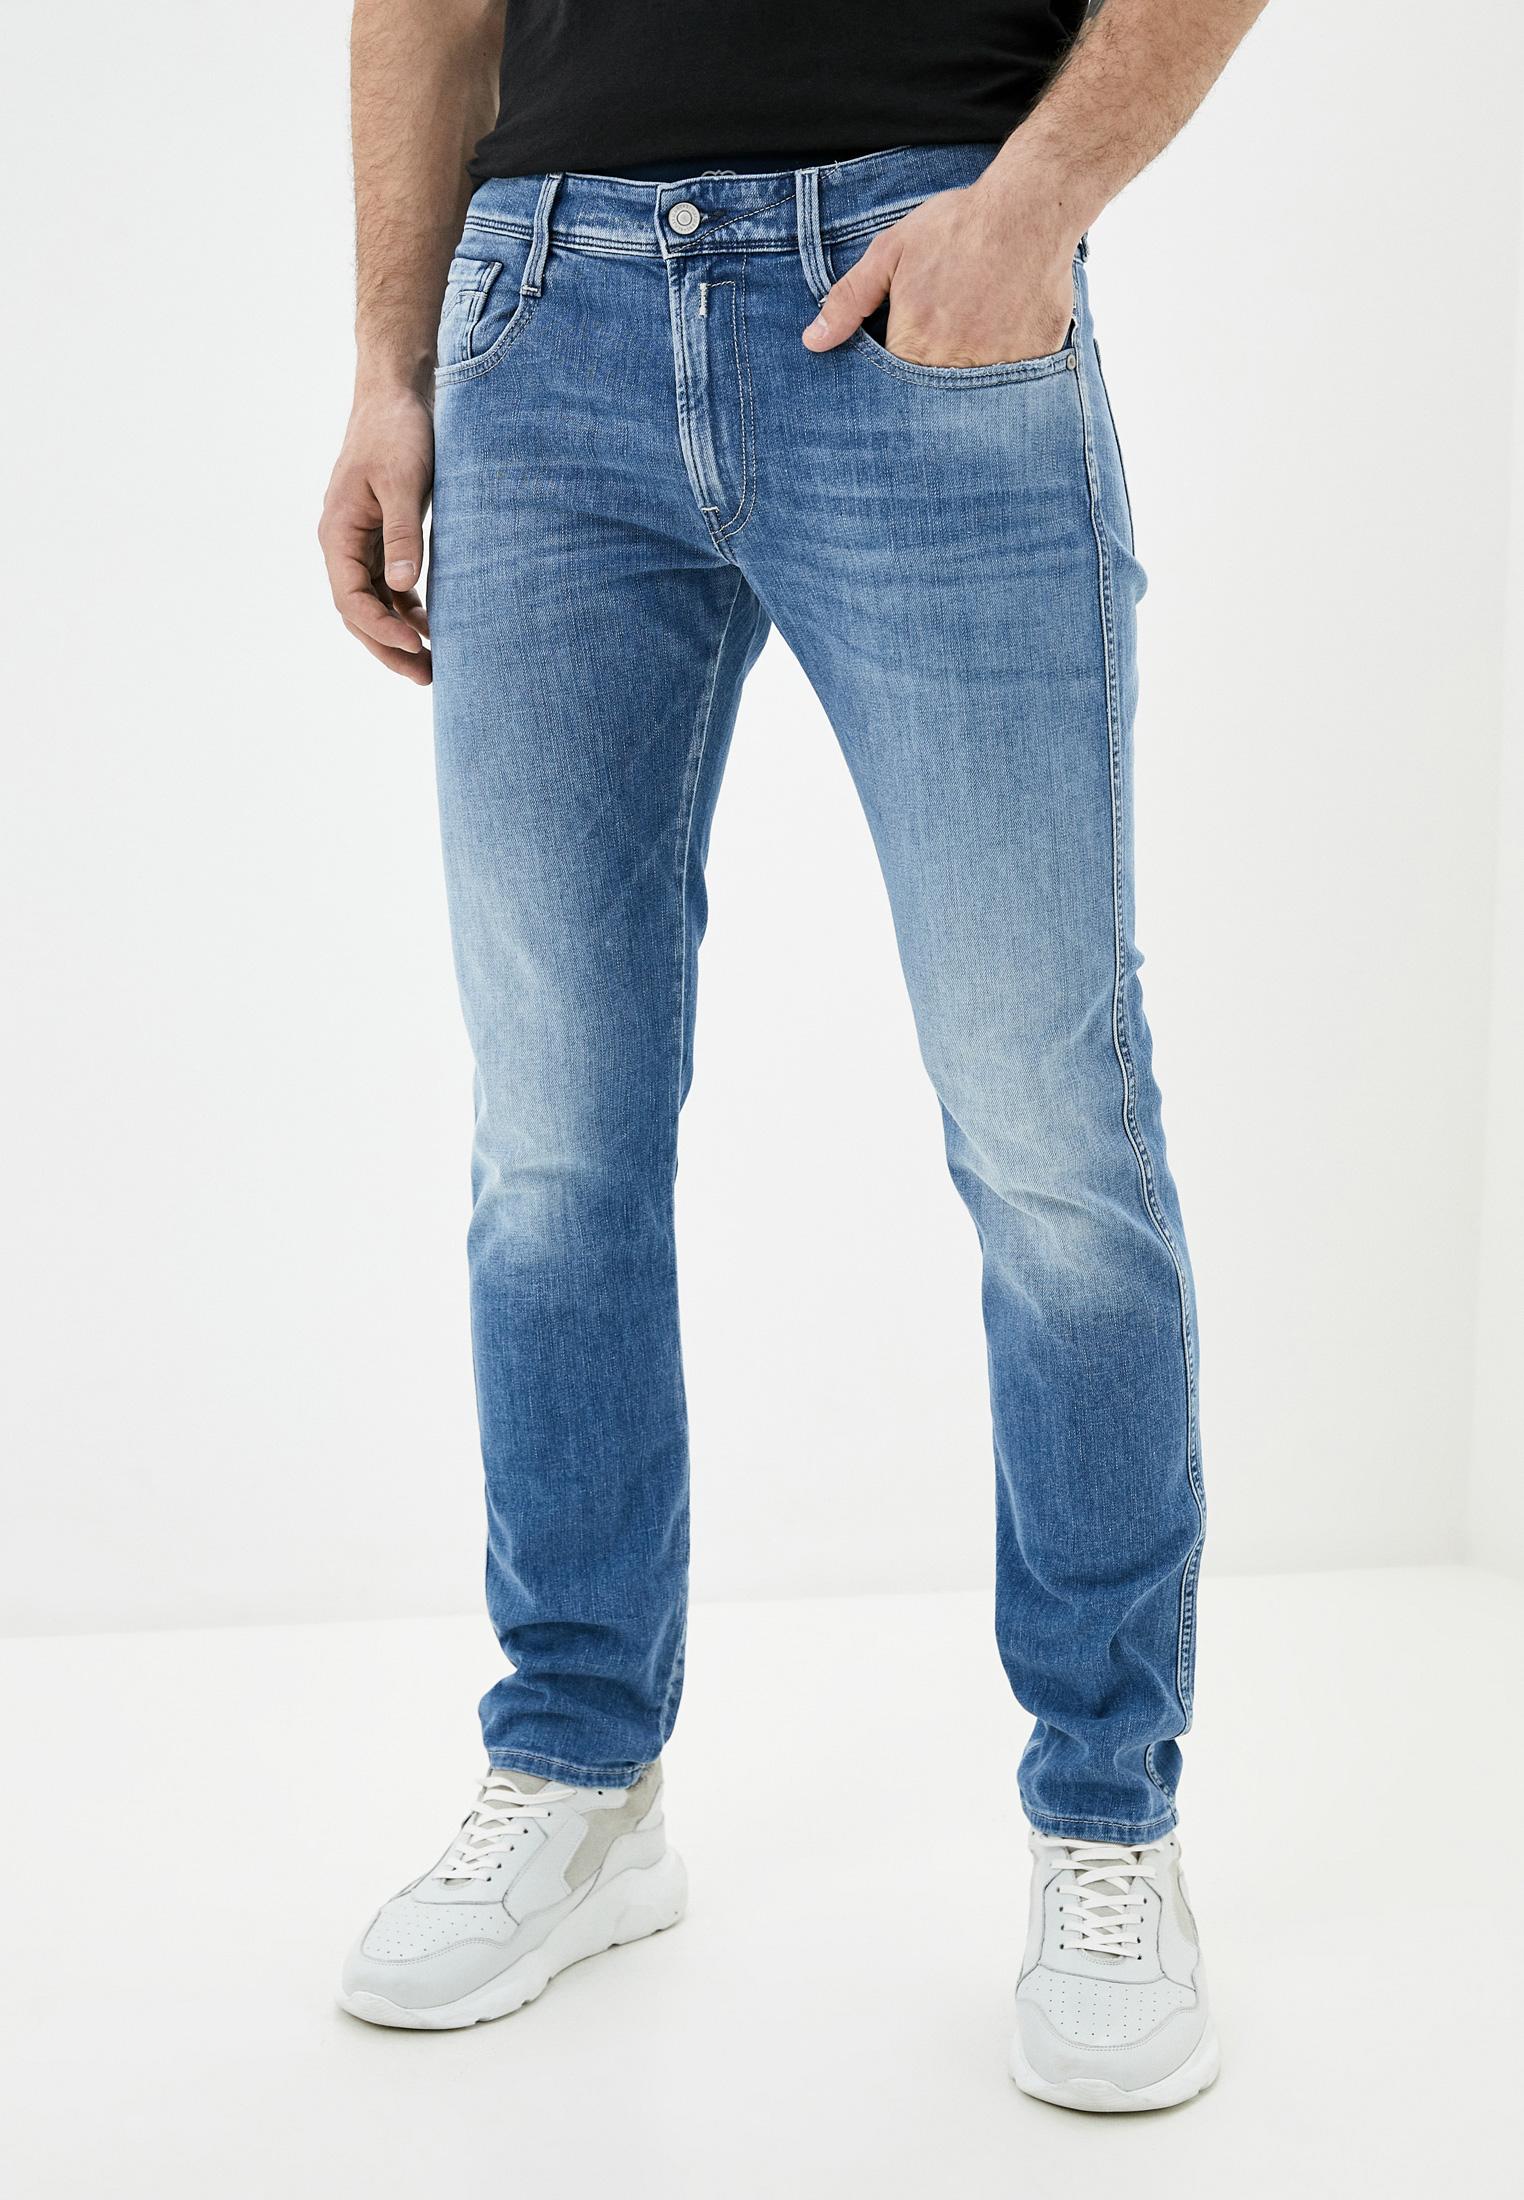 Зауженные джинсы Replay (Реплей) M914Y.000.115647